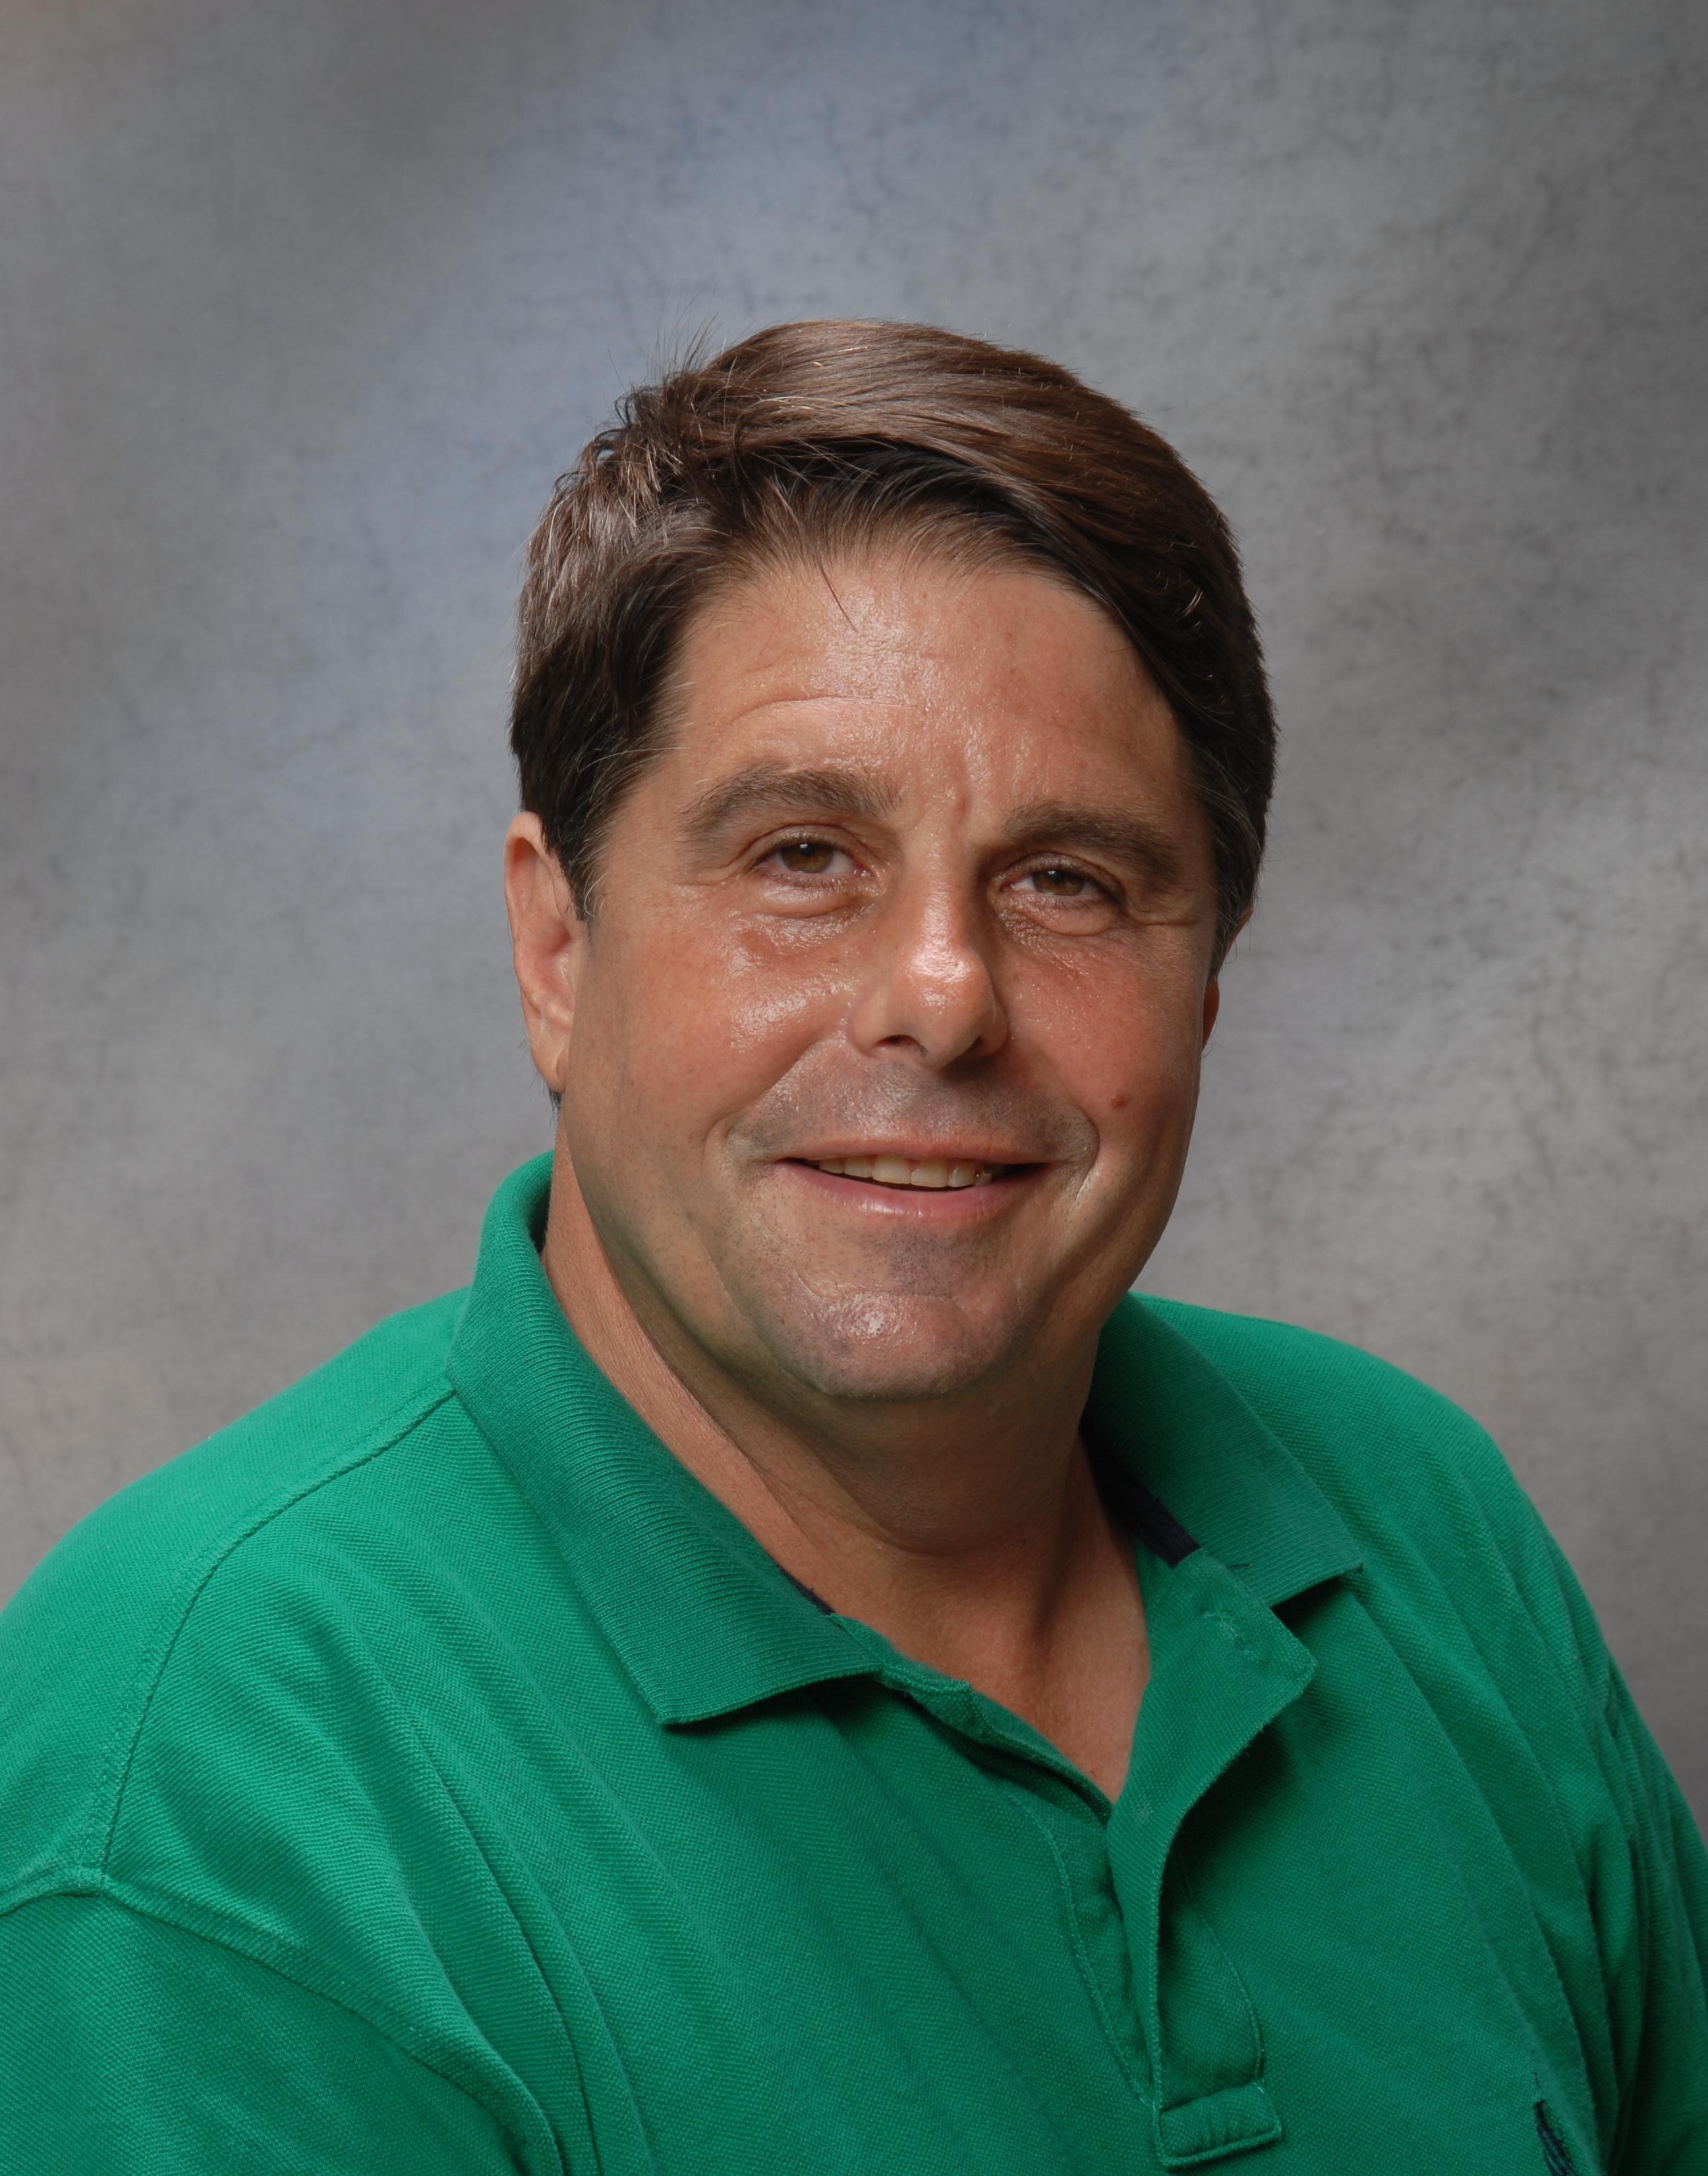 Jim Suber